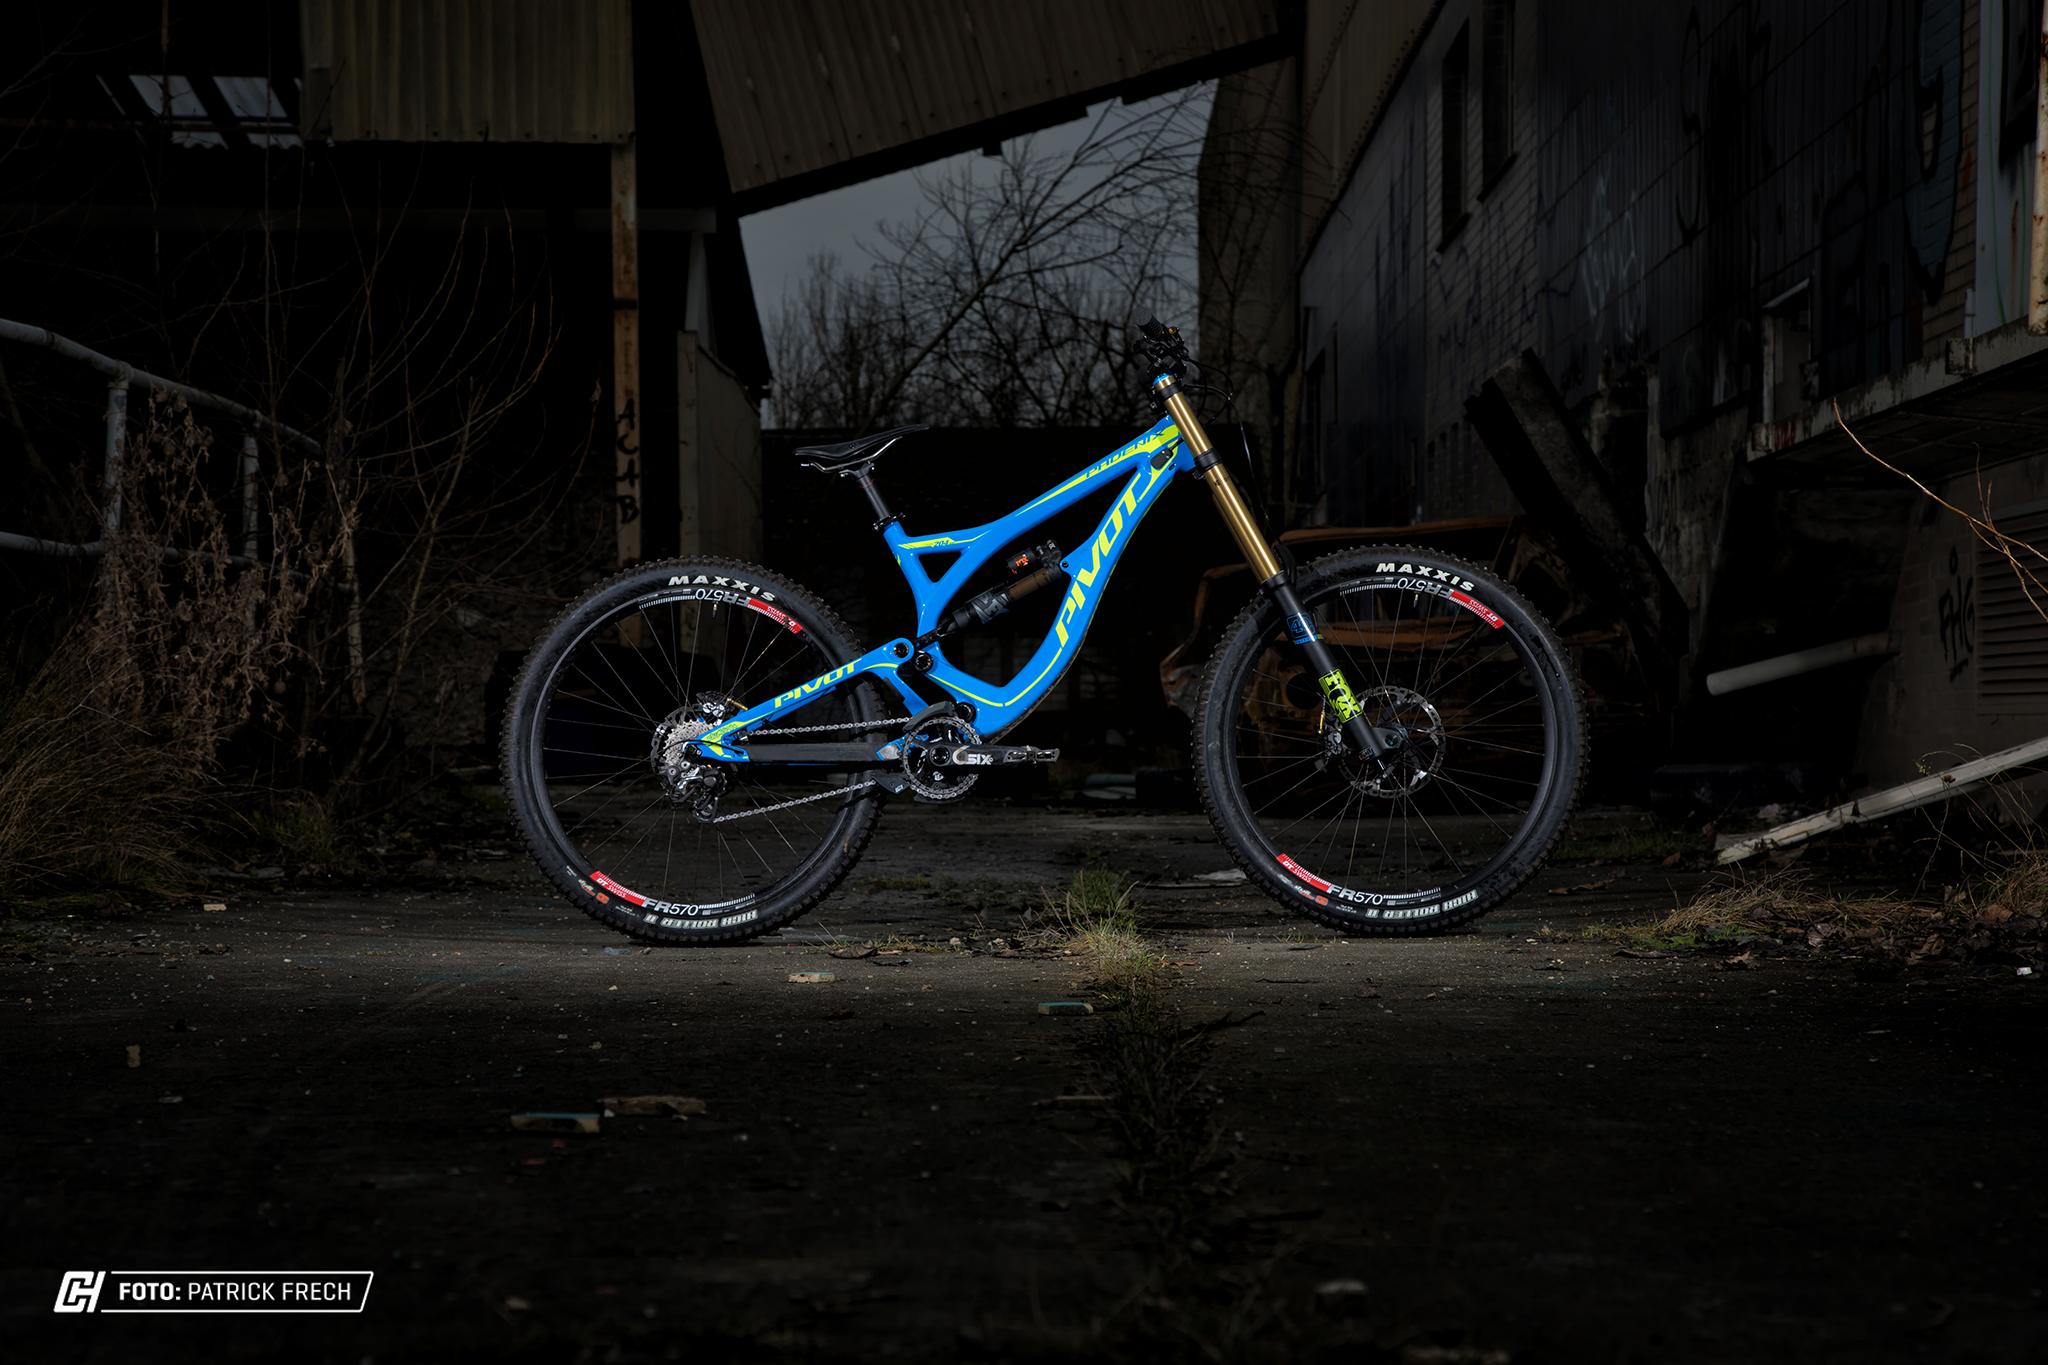 Optisch eines der schönsten DH-Bikes auf dem Markt - Pivot Phoenix DH Carbon